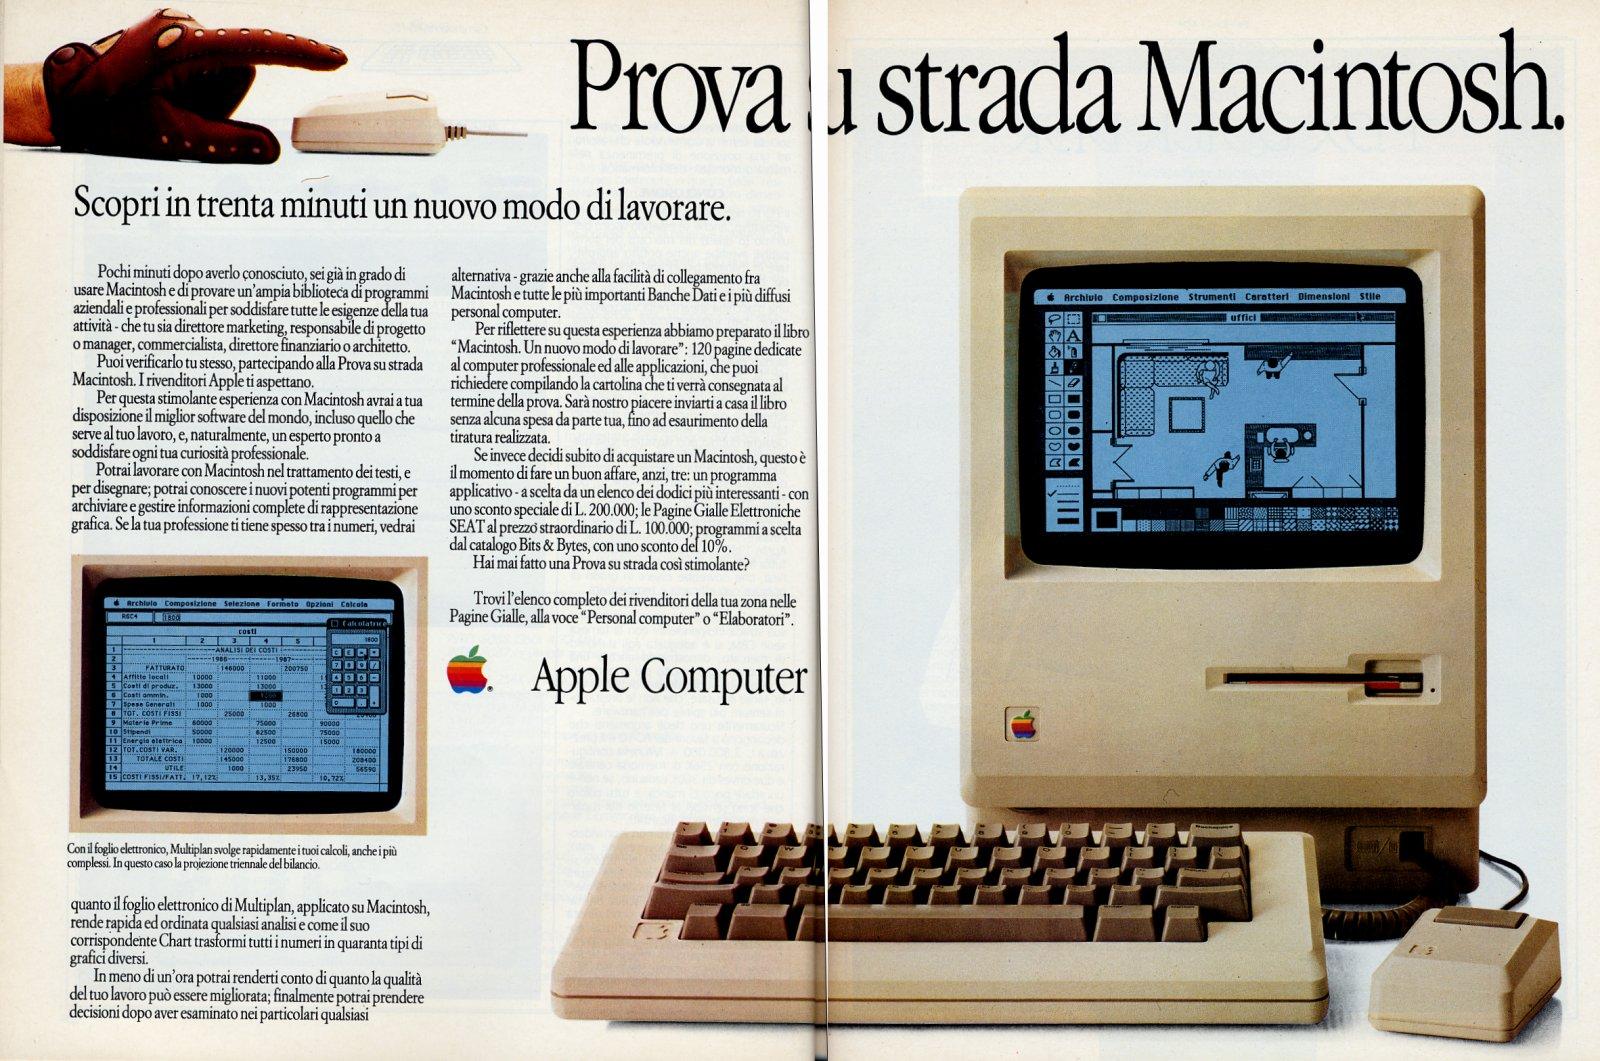 1000 BiT +--- Computer's description